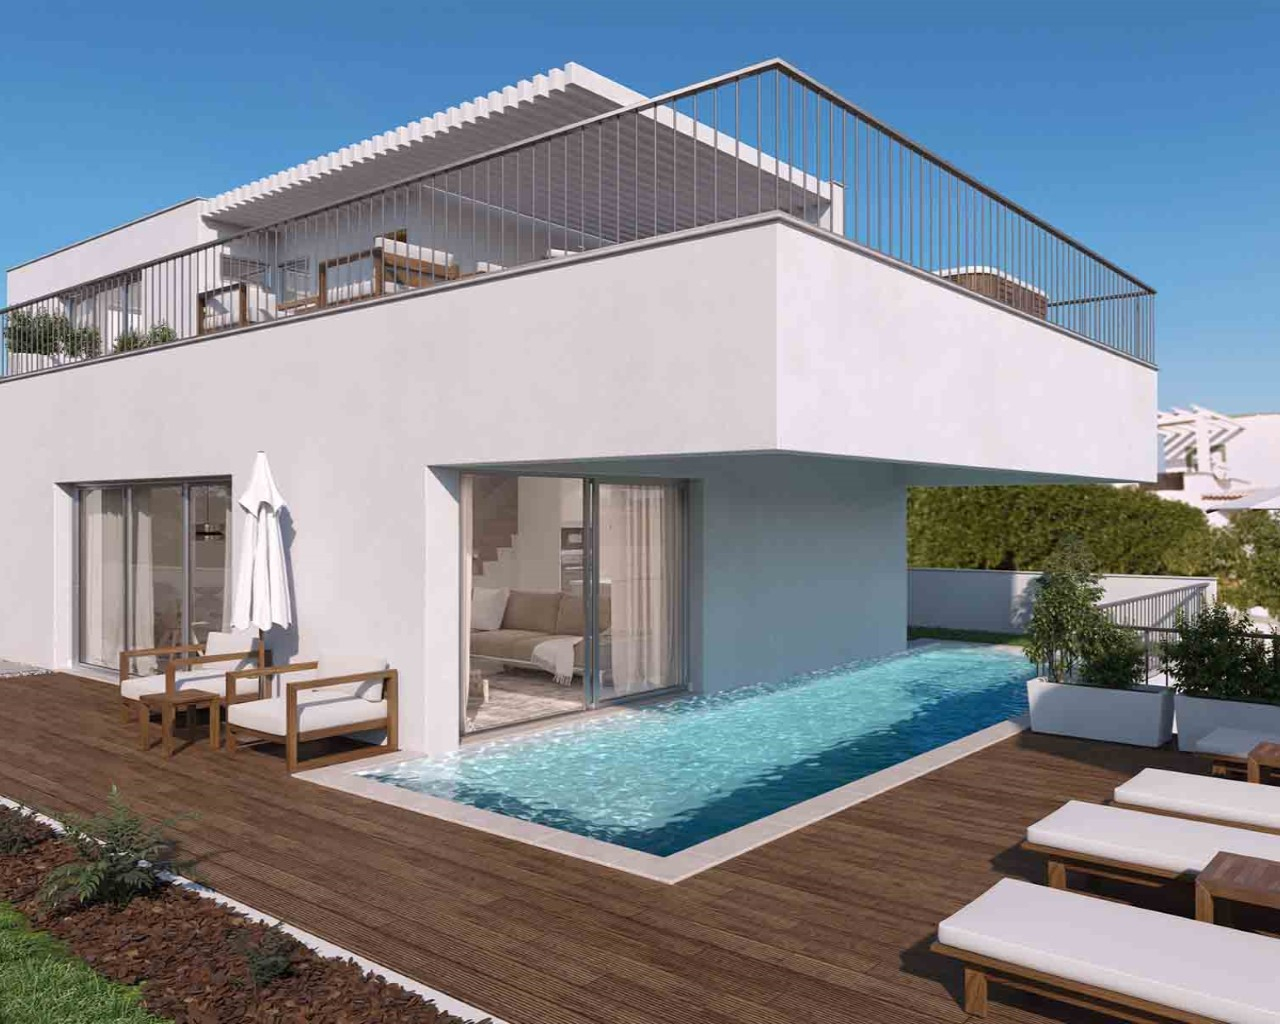 Modernt Boende I Ferragudo Med Egen Pool tout Location Maison Portugal Piscine